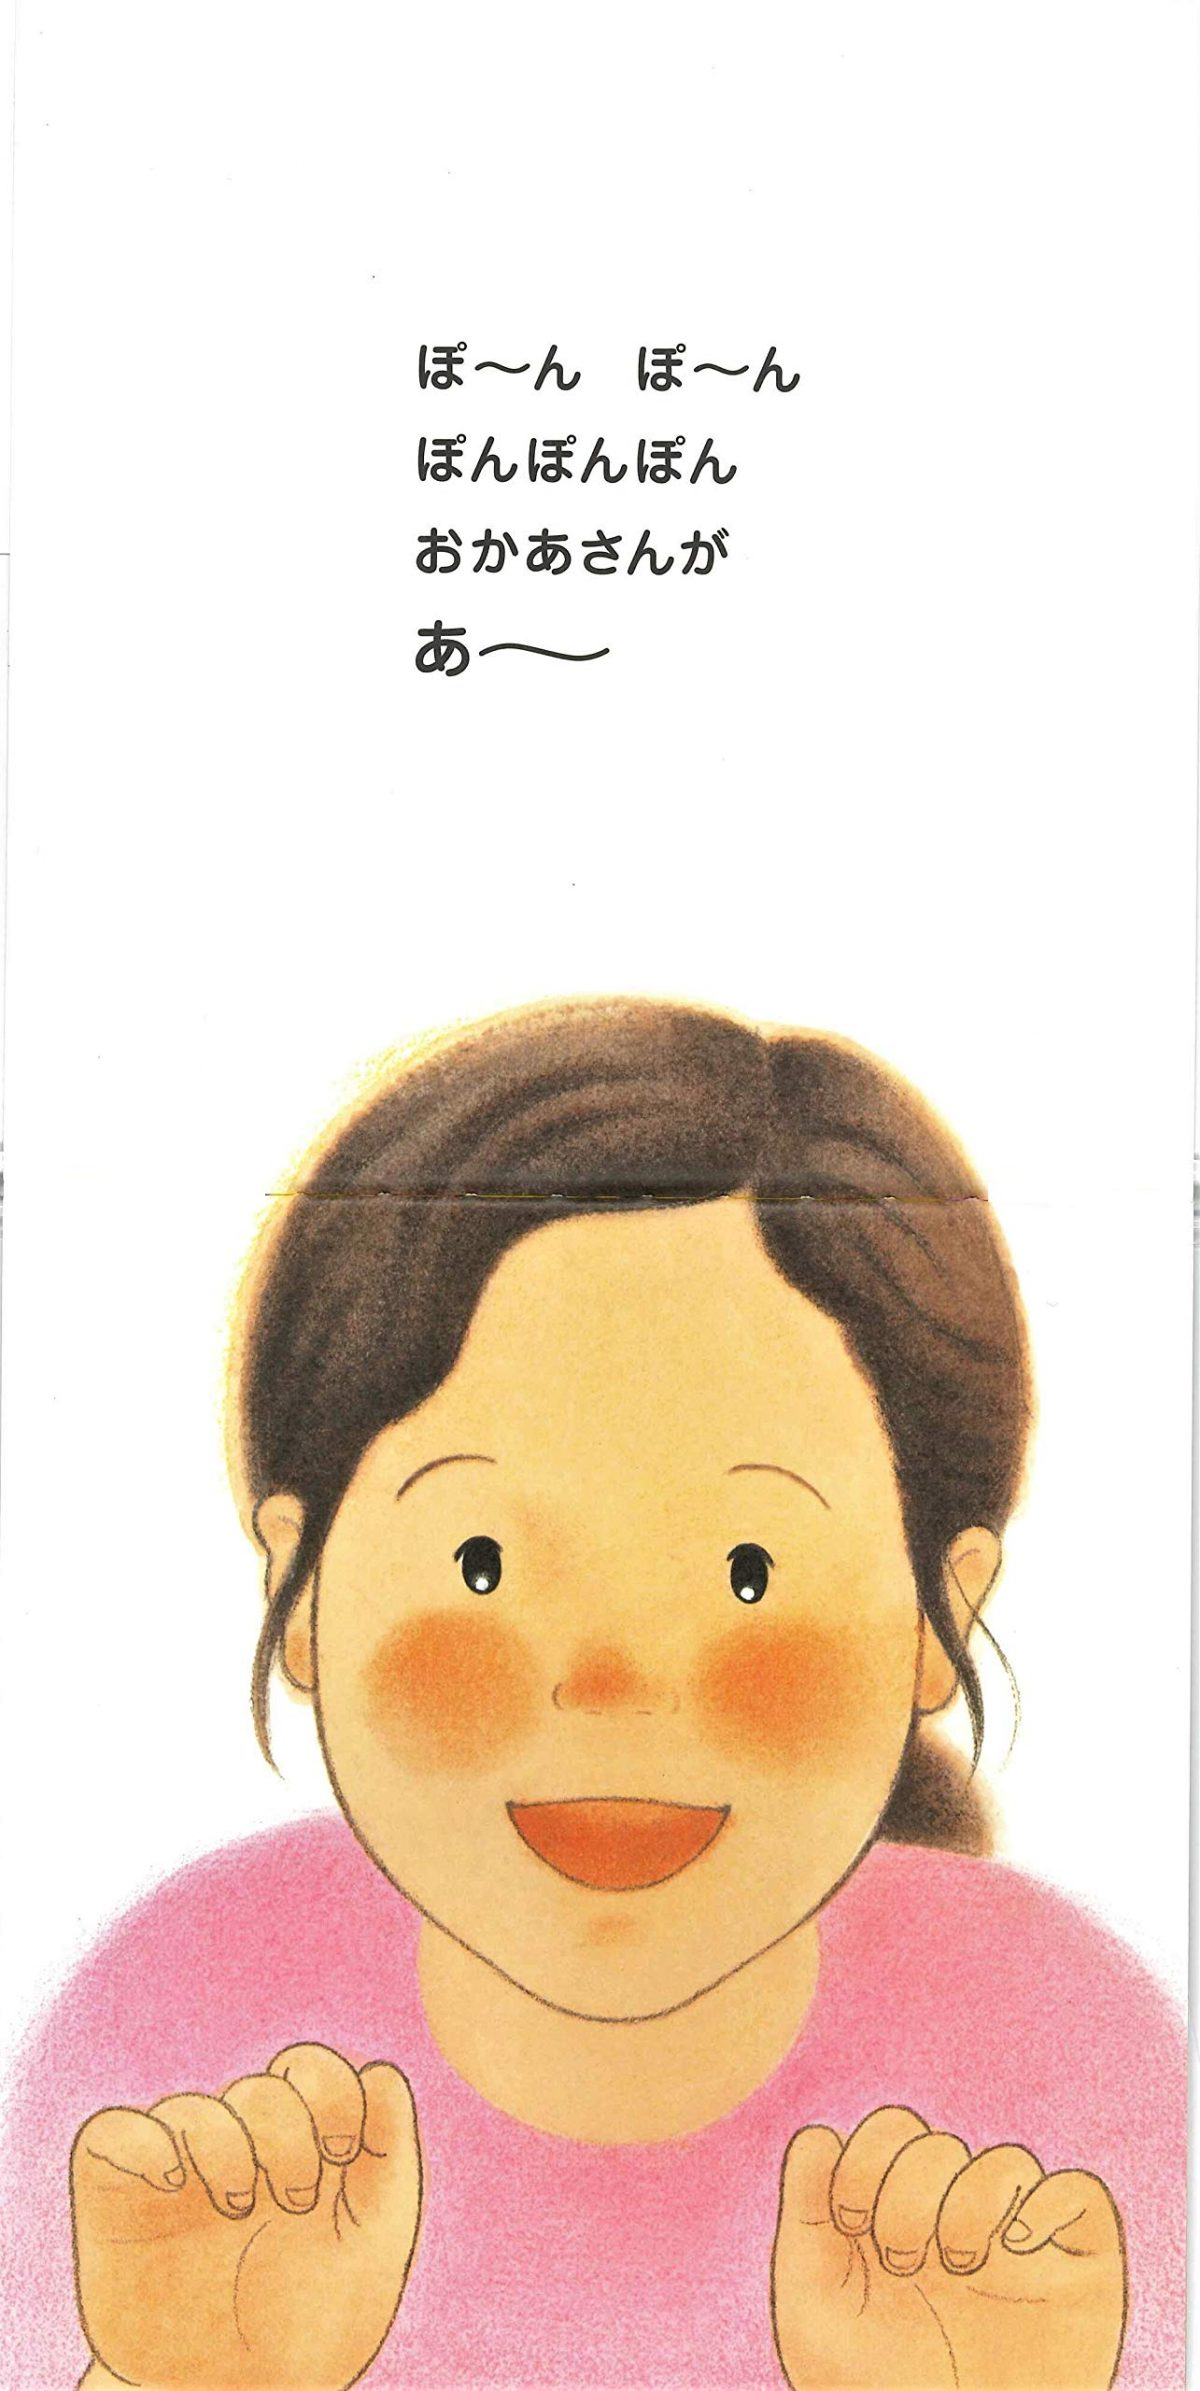 絵本「ぽんぽんぽん」の一コマ